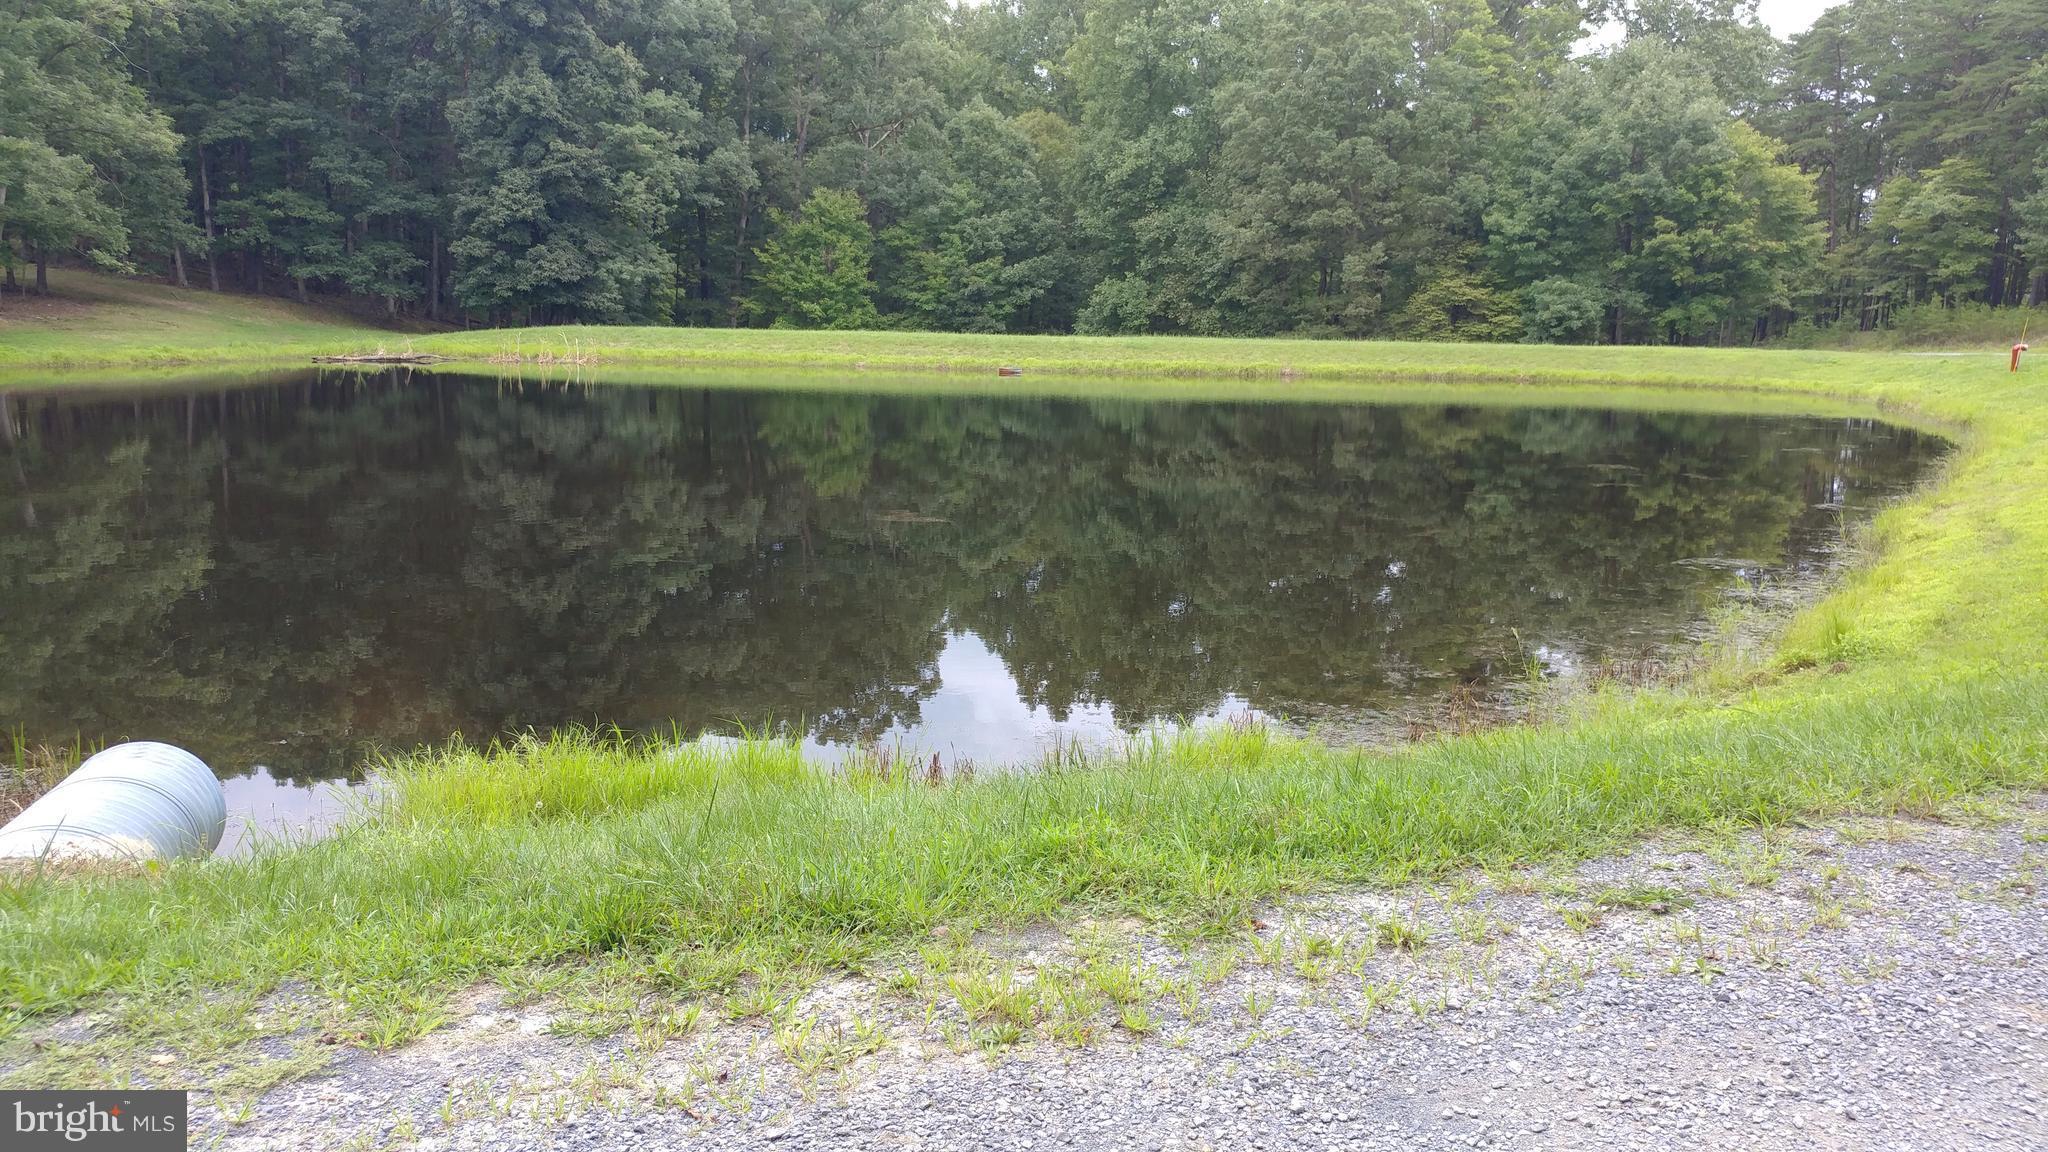 TWIN LAKES BERKELEY SPRINGS, WV